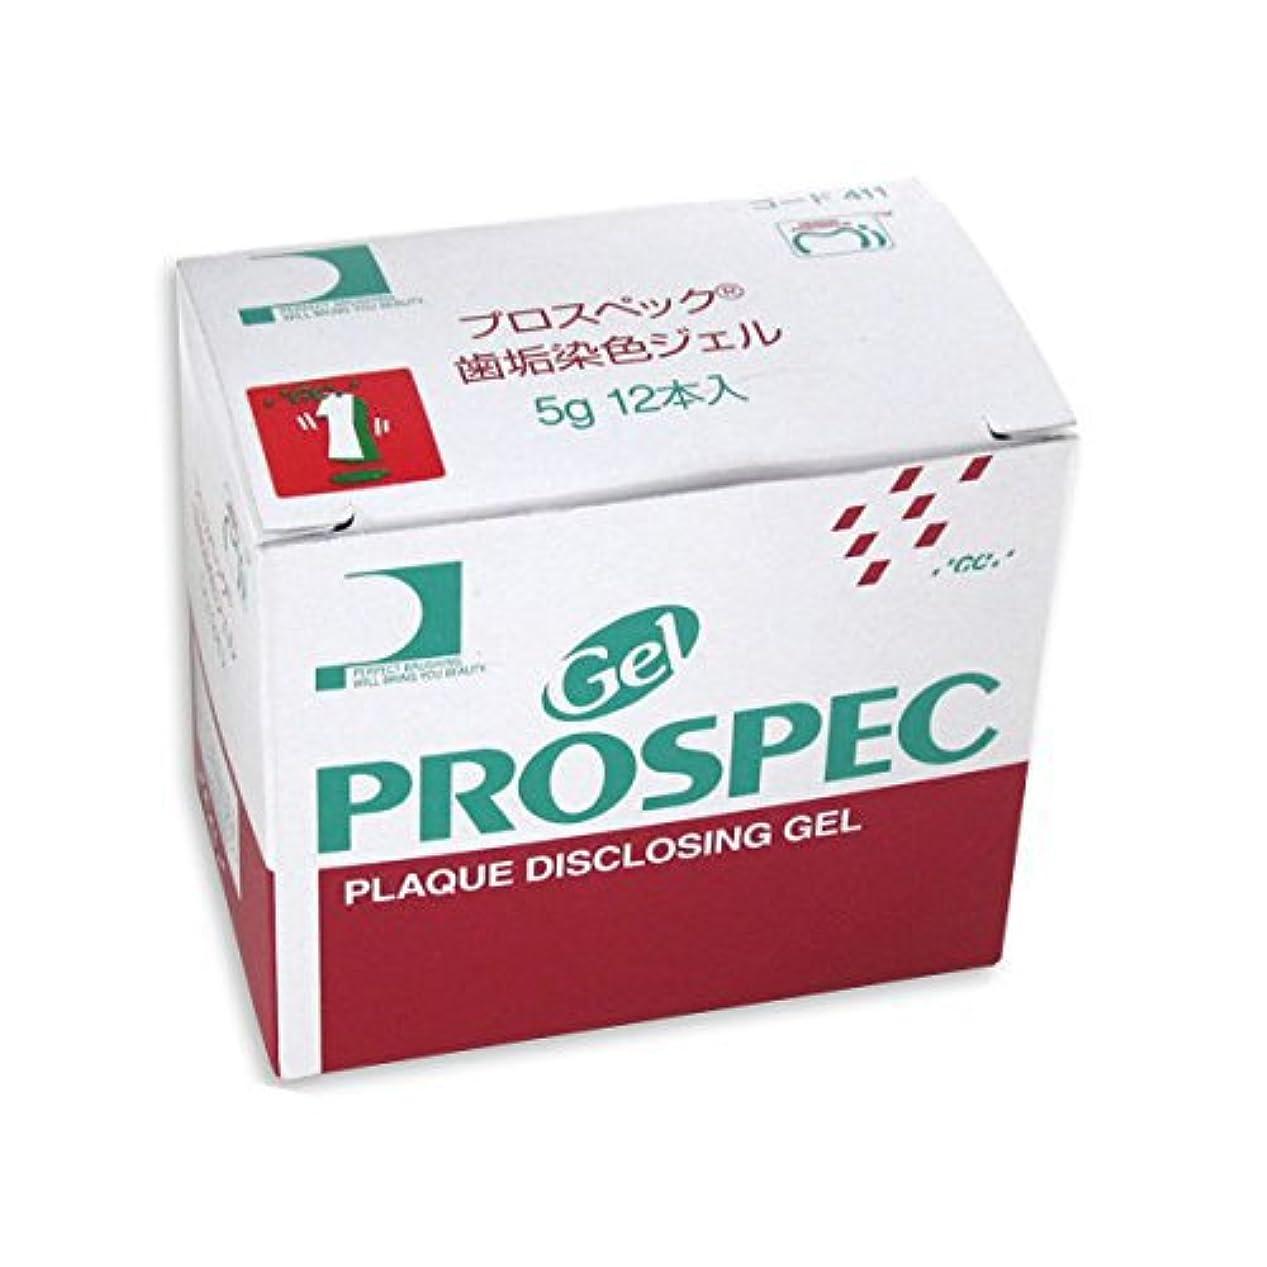 相談落ち着いた引用プロスペック ジーシー プロスペック 歯垢染色ジェル 5g×12個単品